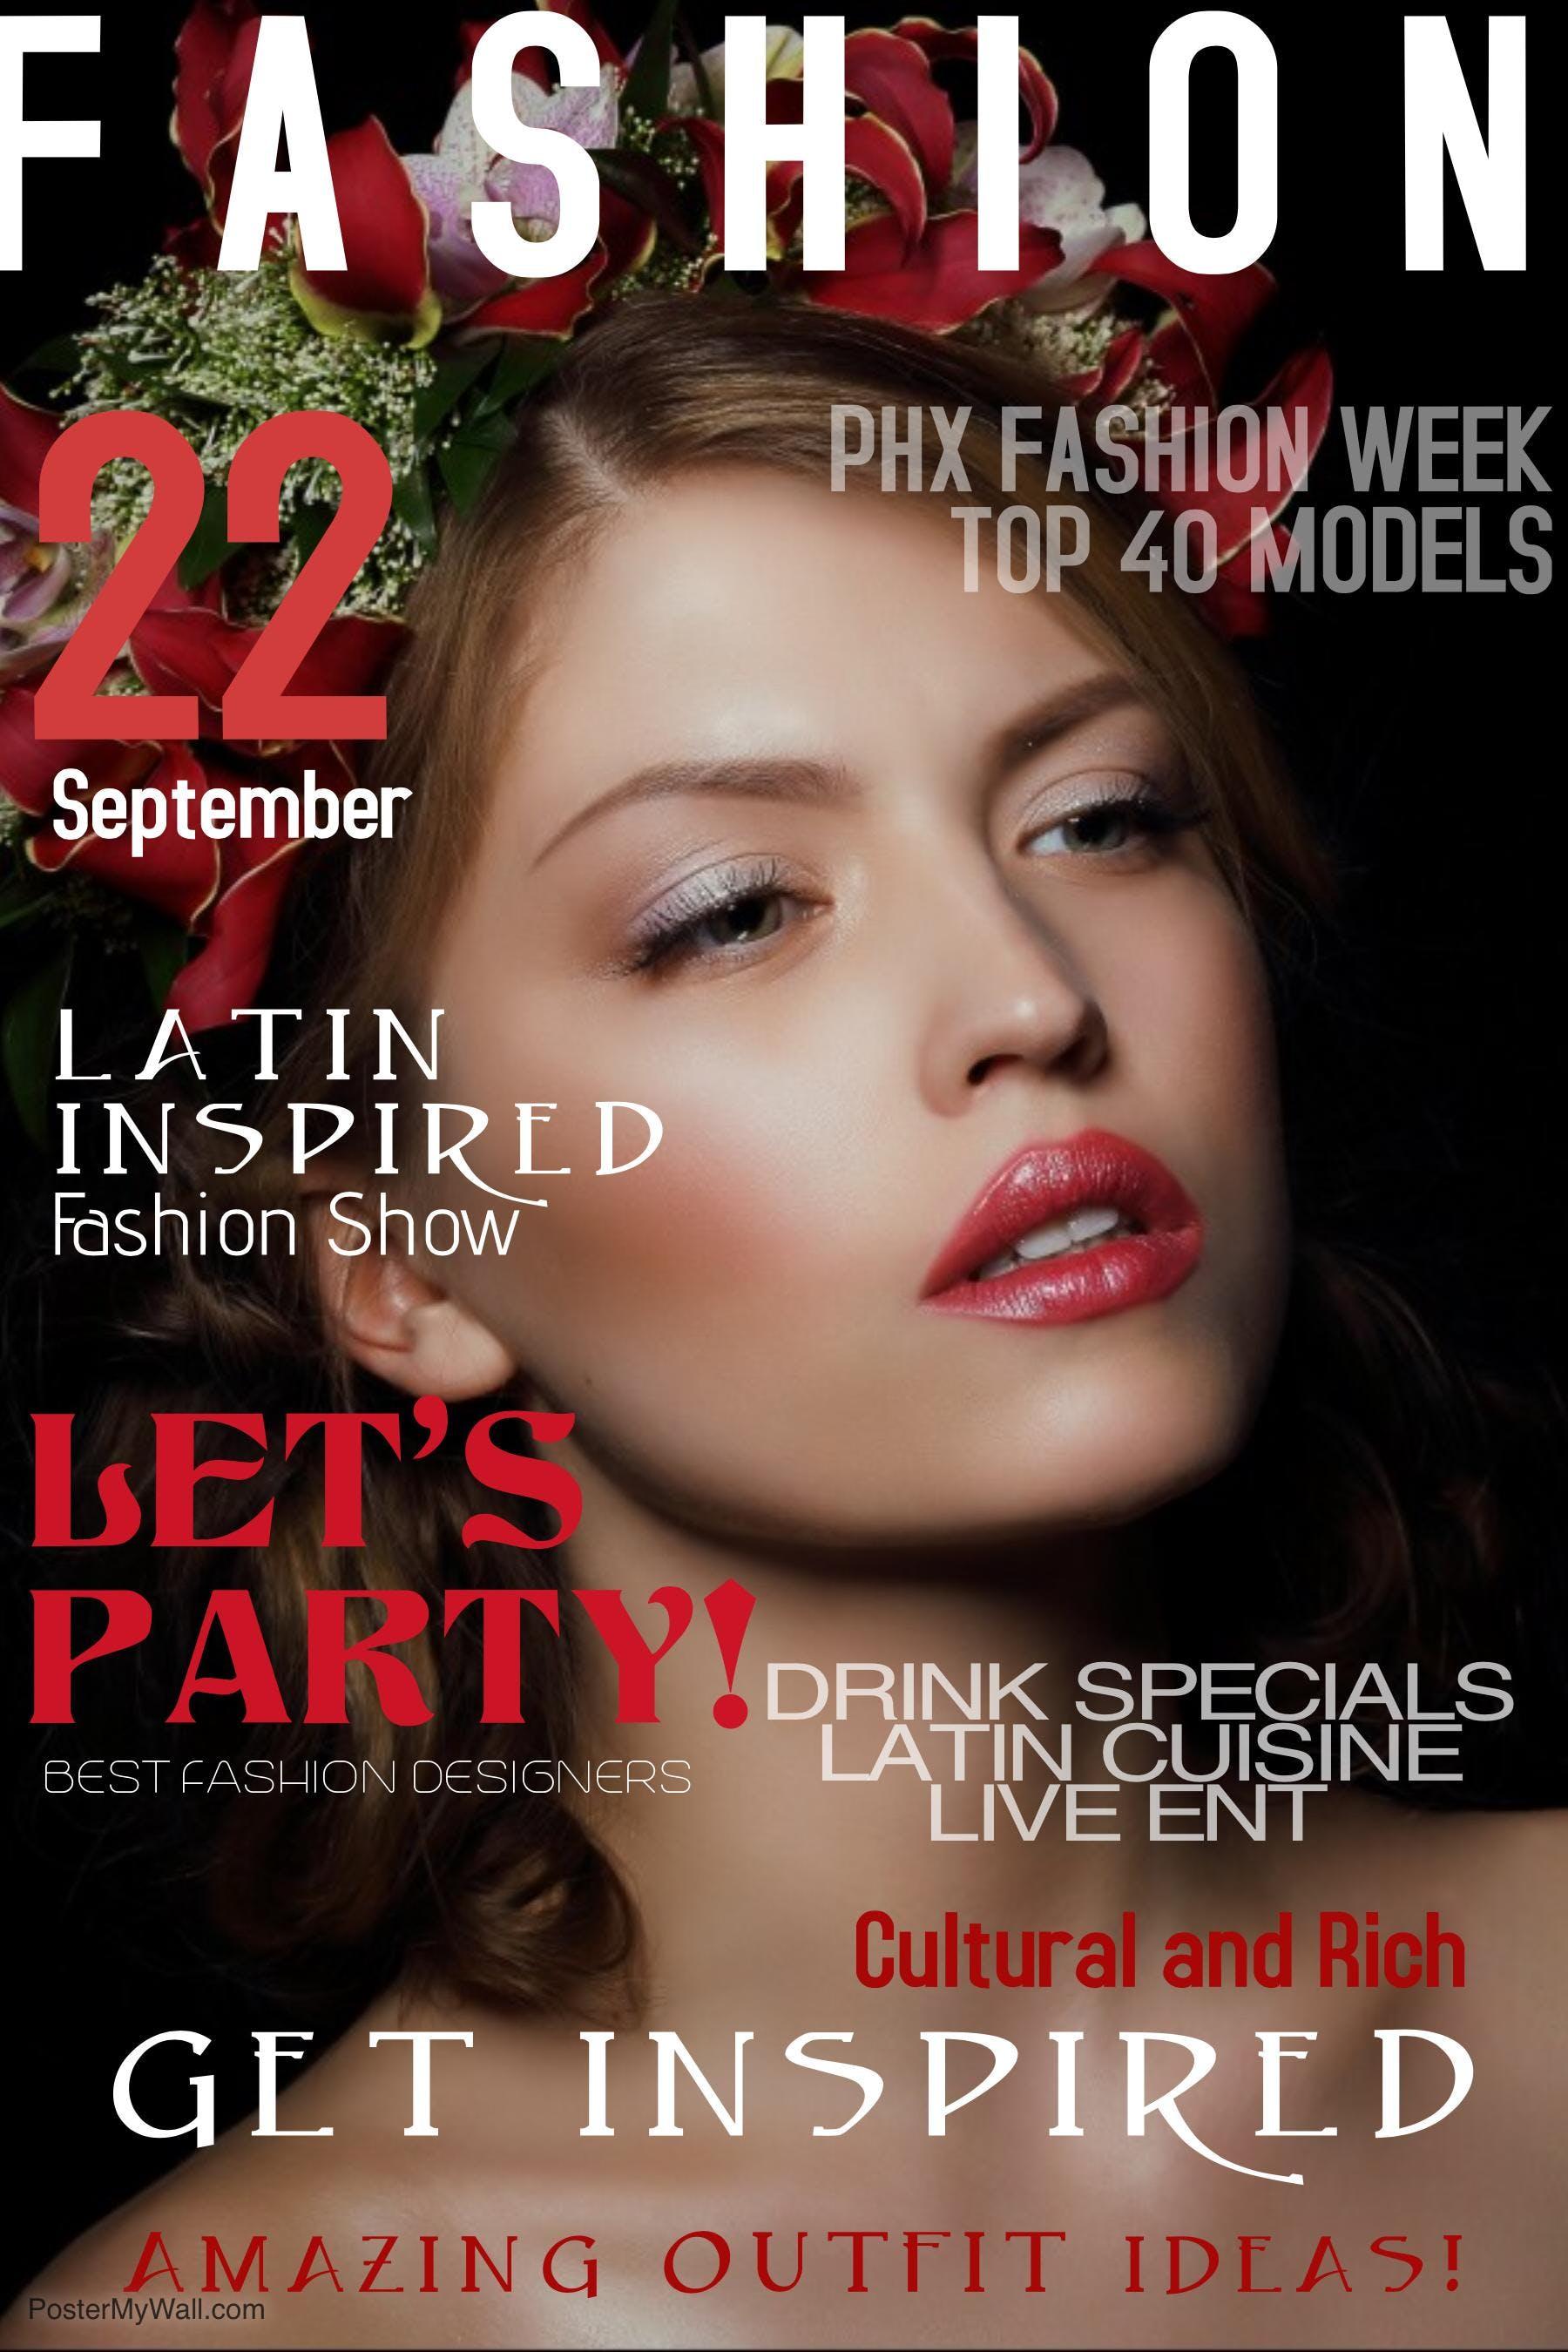 Latin Inspired Fashion Show